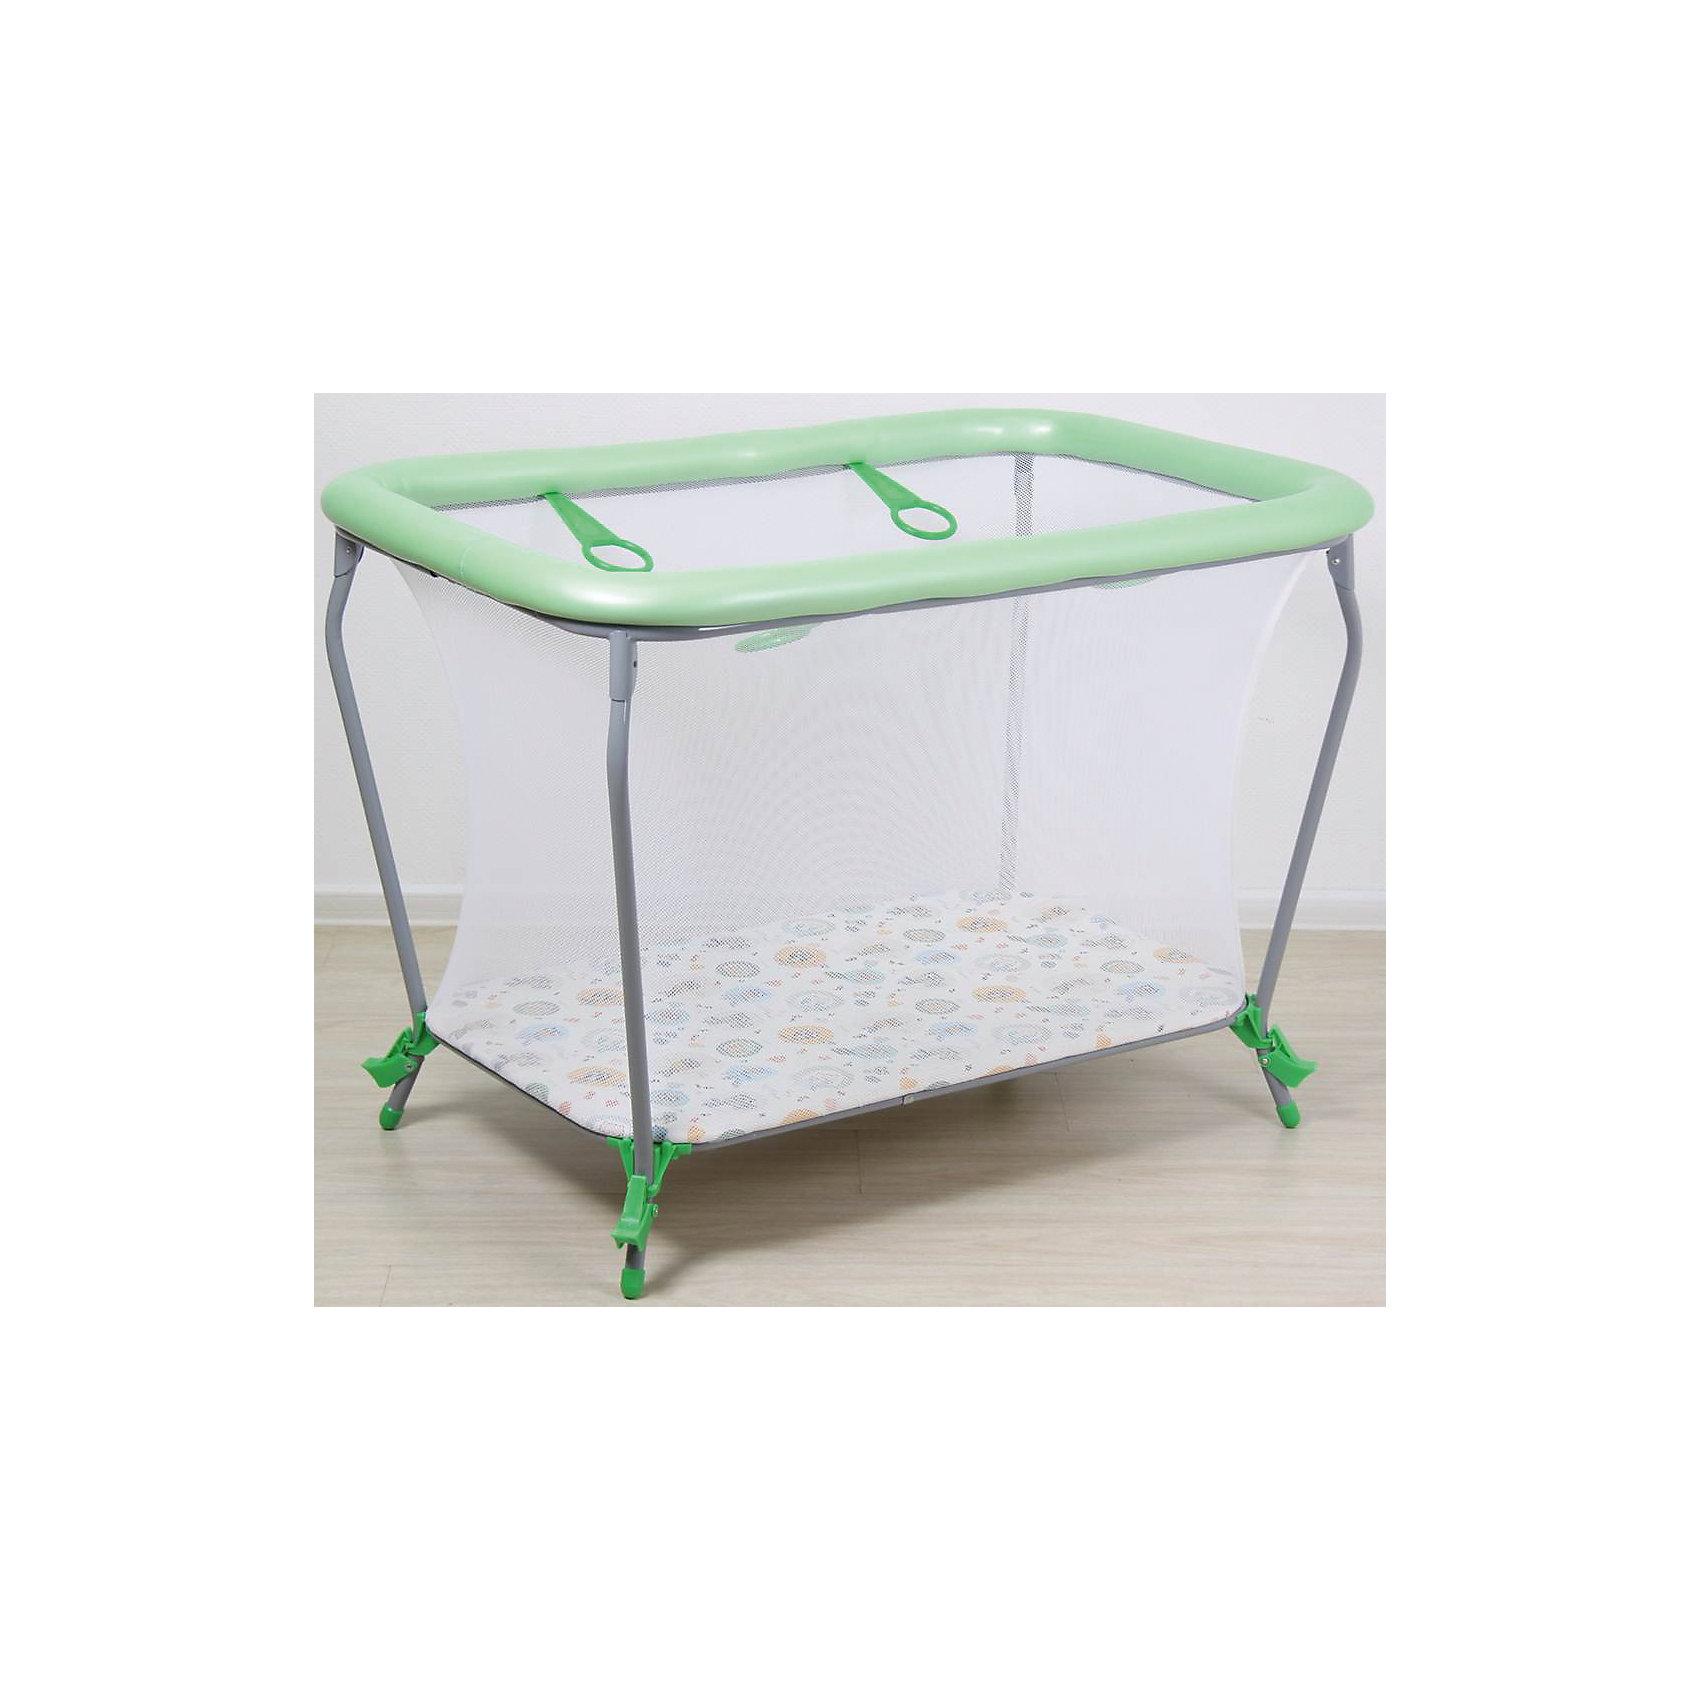 Манеж Классика Совы, Фея, зеленыйМанежи-кроватки<br>Характеристики товара:<br><br>• возраст от 6 месяцев;<br>• материал: пластик, текстиль;<br>• тип складывания: книжка<br>• имеет 4 ручки-кольца для ребёнка<br>• сетка с круговым обзором<br>• покрытие легко моется<br>• размер манежа 107х73х77 см;<br>• вес 10 кг;<br>• страна производитель: Россия.<br><br>Манеж Классика «Совы» Фея зеленый подойдет как для игр, так и для отдыха ребенка. Стенки выполнены из сетчатого материала, который обеспечивает циркуляцию воздуха, а также хороший обзор для присмотра за ребенком. <br><br>Бортики обтянуты материалом и не имеют острых углов, что позволит избежать случайных травм. На бортиках расположены 4 кольца, держась за которые, малыш учится вставать самостоятельно. <br><br>Манеж легко складывается и не занимает много места. Изготовлен из безопасных материалов с использованием нетоксичных красителей. Материал прост в уходе, легко протирается влажной губкой.<br><br>Манеж Классика «Совы» Фея зеленый можно приобрести в нашем интернет-магазине.<br><br>Ширина мм: 1070<br>Глубина мм: 730<br>Высота мм: 770<br>Вес г: 10000<br>Возраст от месяцев: 6<br>Возраст до месяцев: 36<br>Пол: Унисекс<br>Возраст: Детский<br>SKU: 5610448